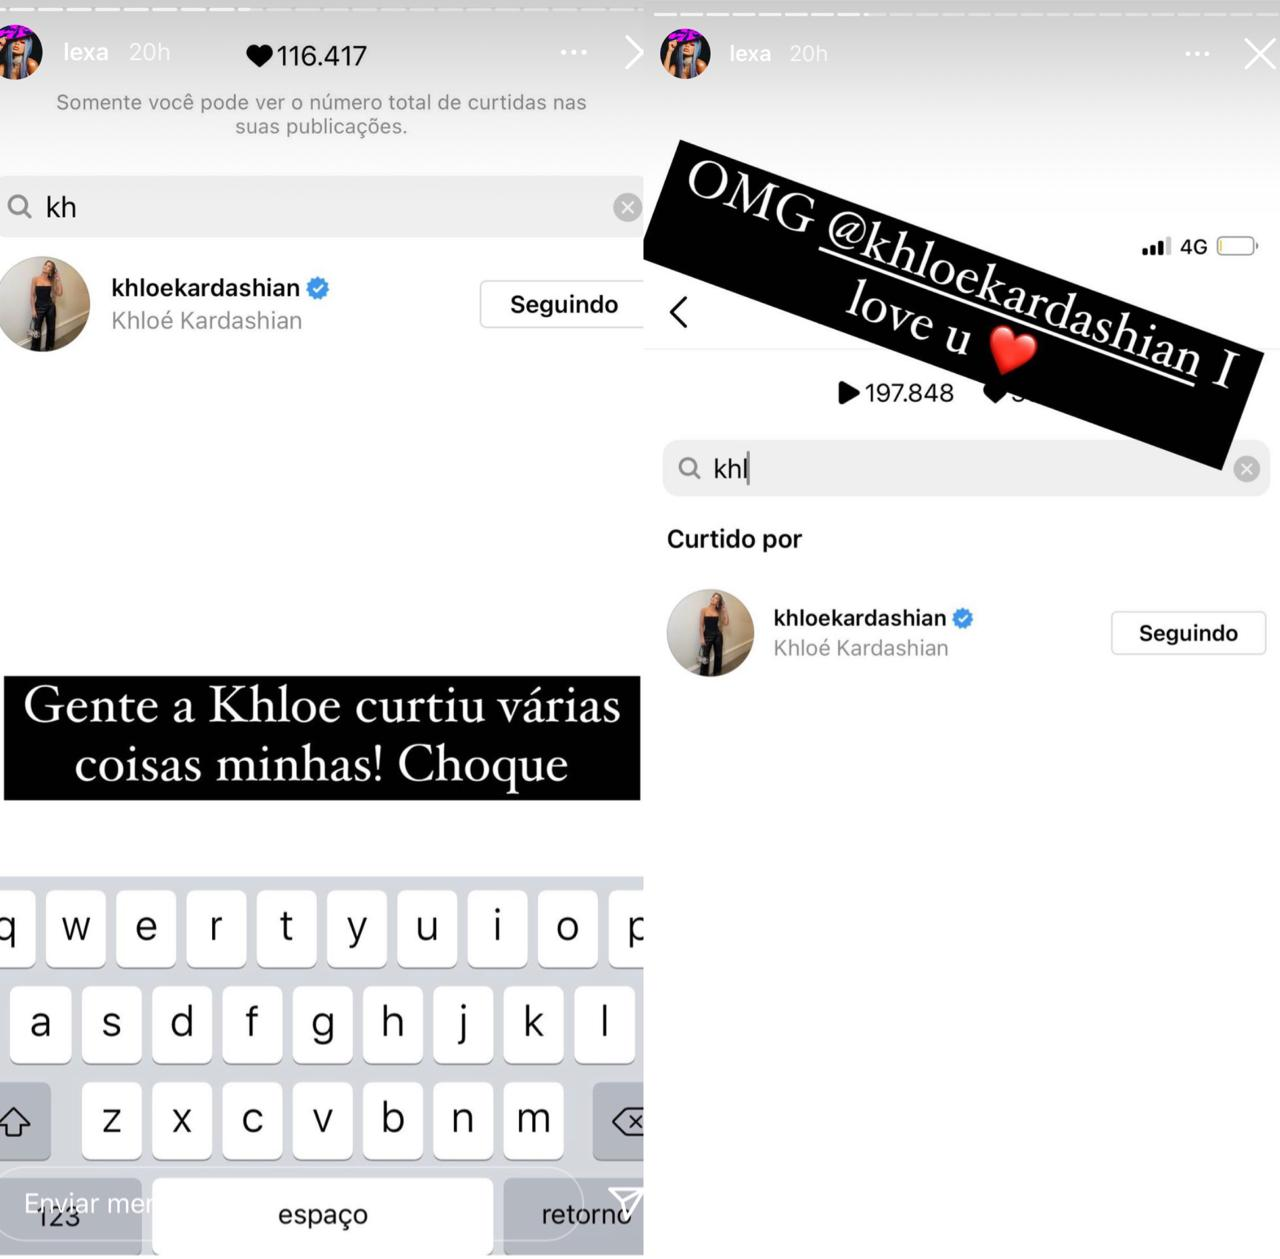 Lexa comemora curtida de Khloe Kardashian no Instagram: 'Te amo' (Foto: Reprodução/Instagram)